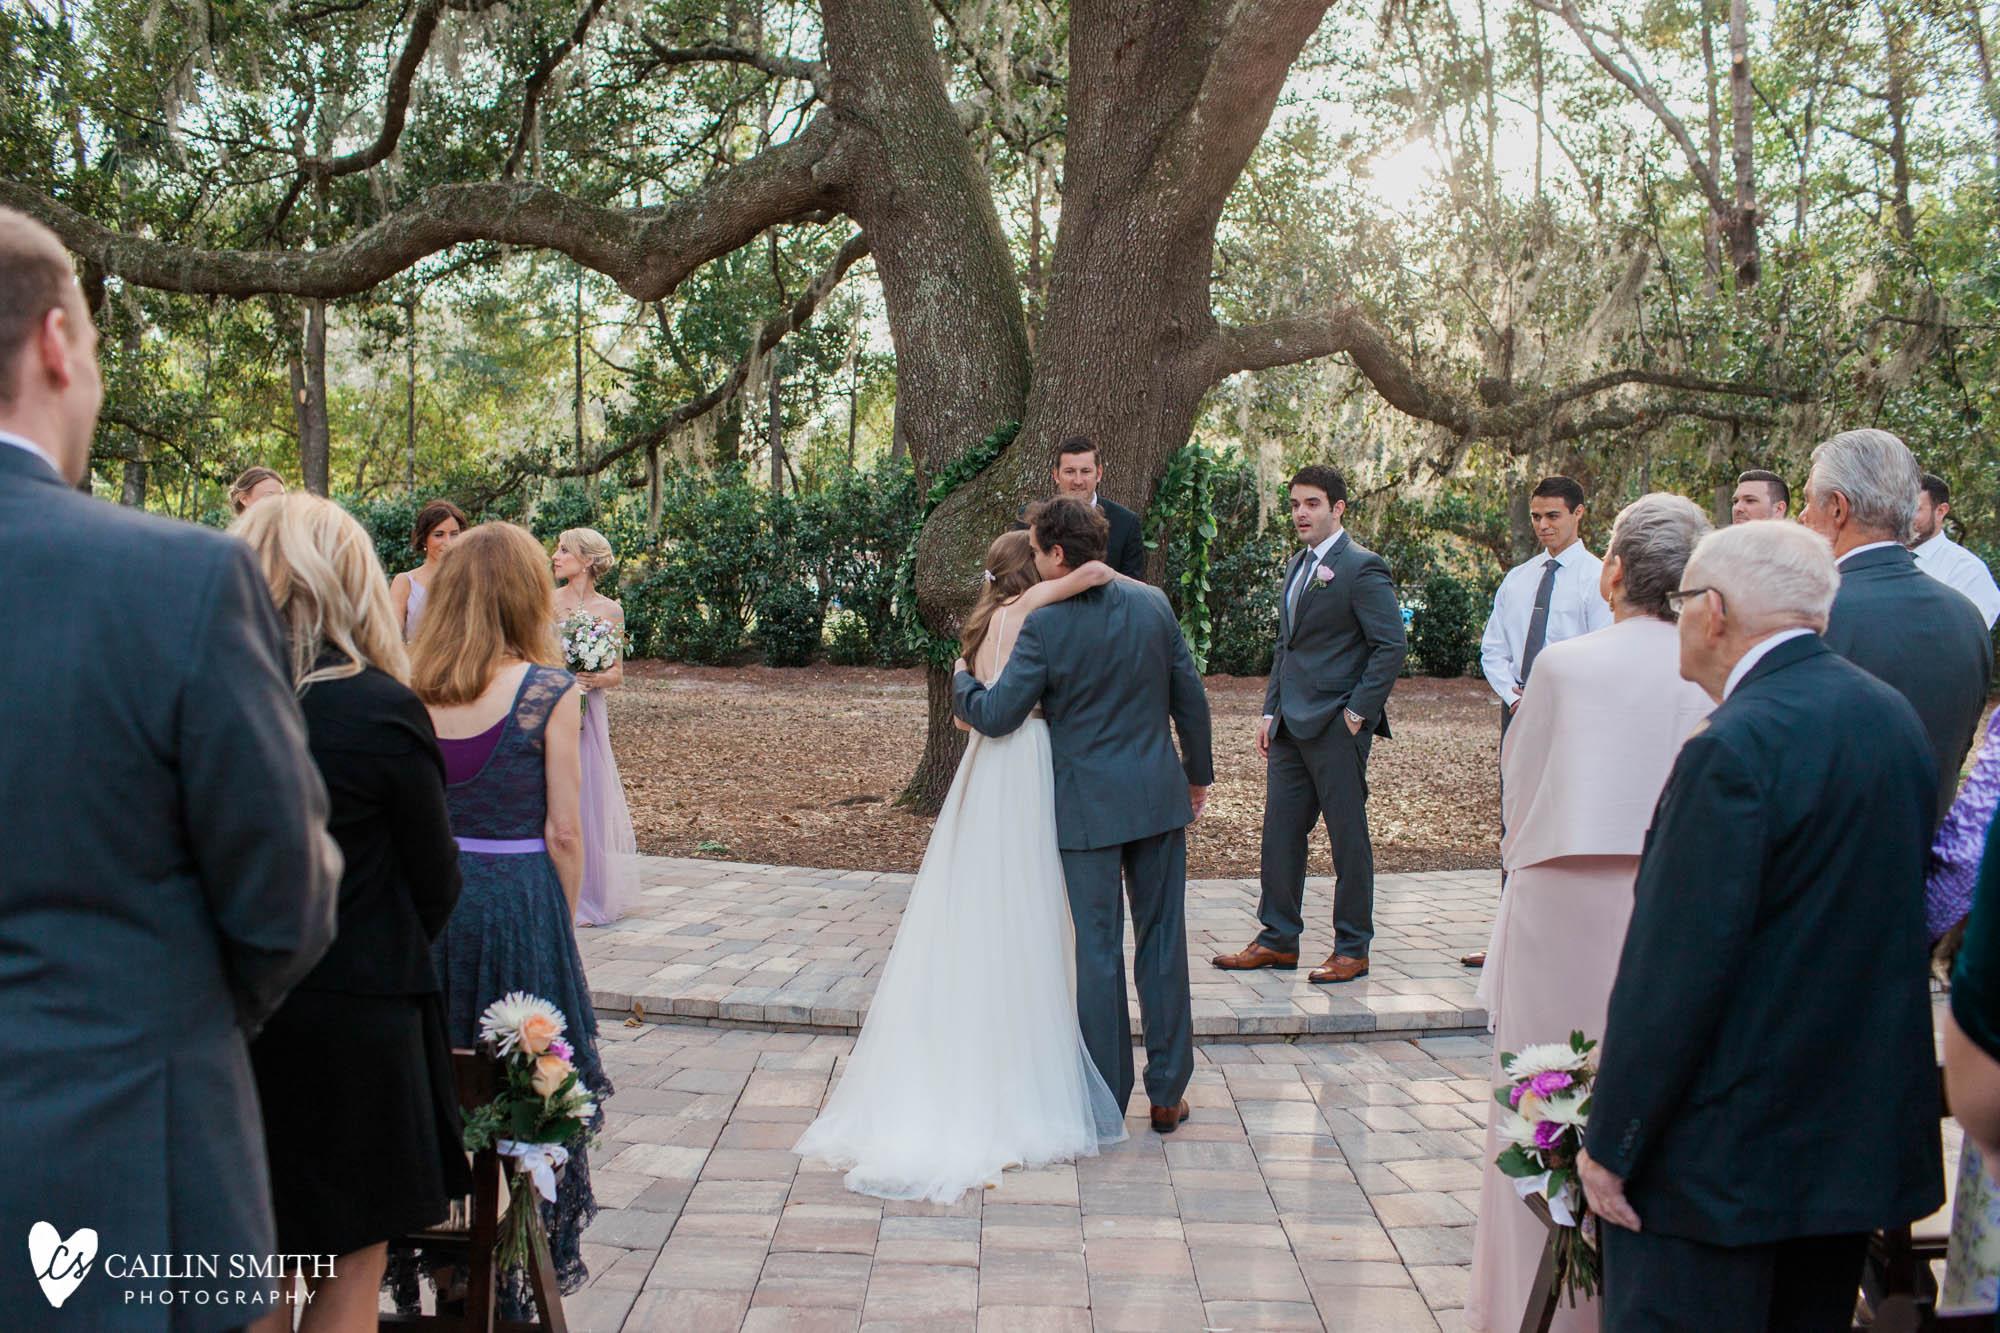 Sylvia_Anthony_Bowing_Oaks_Plantation_Wedding_Photography_0044.jpg